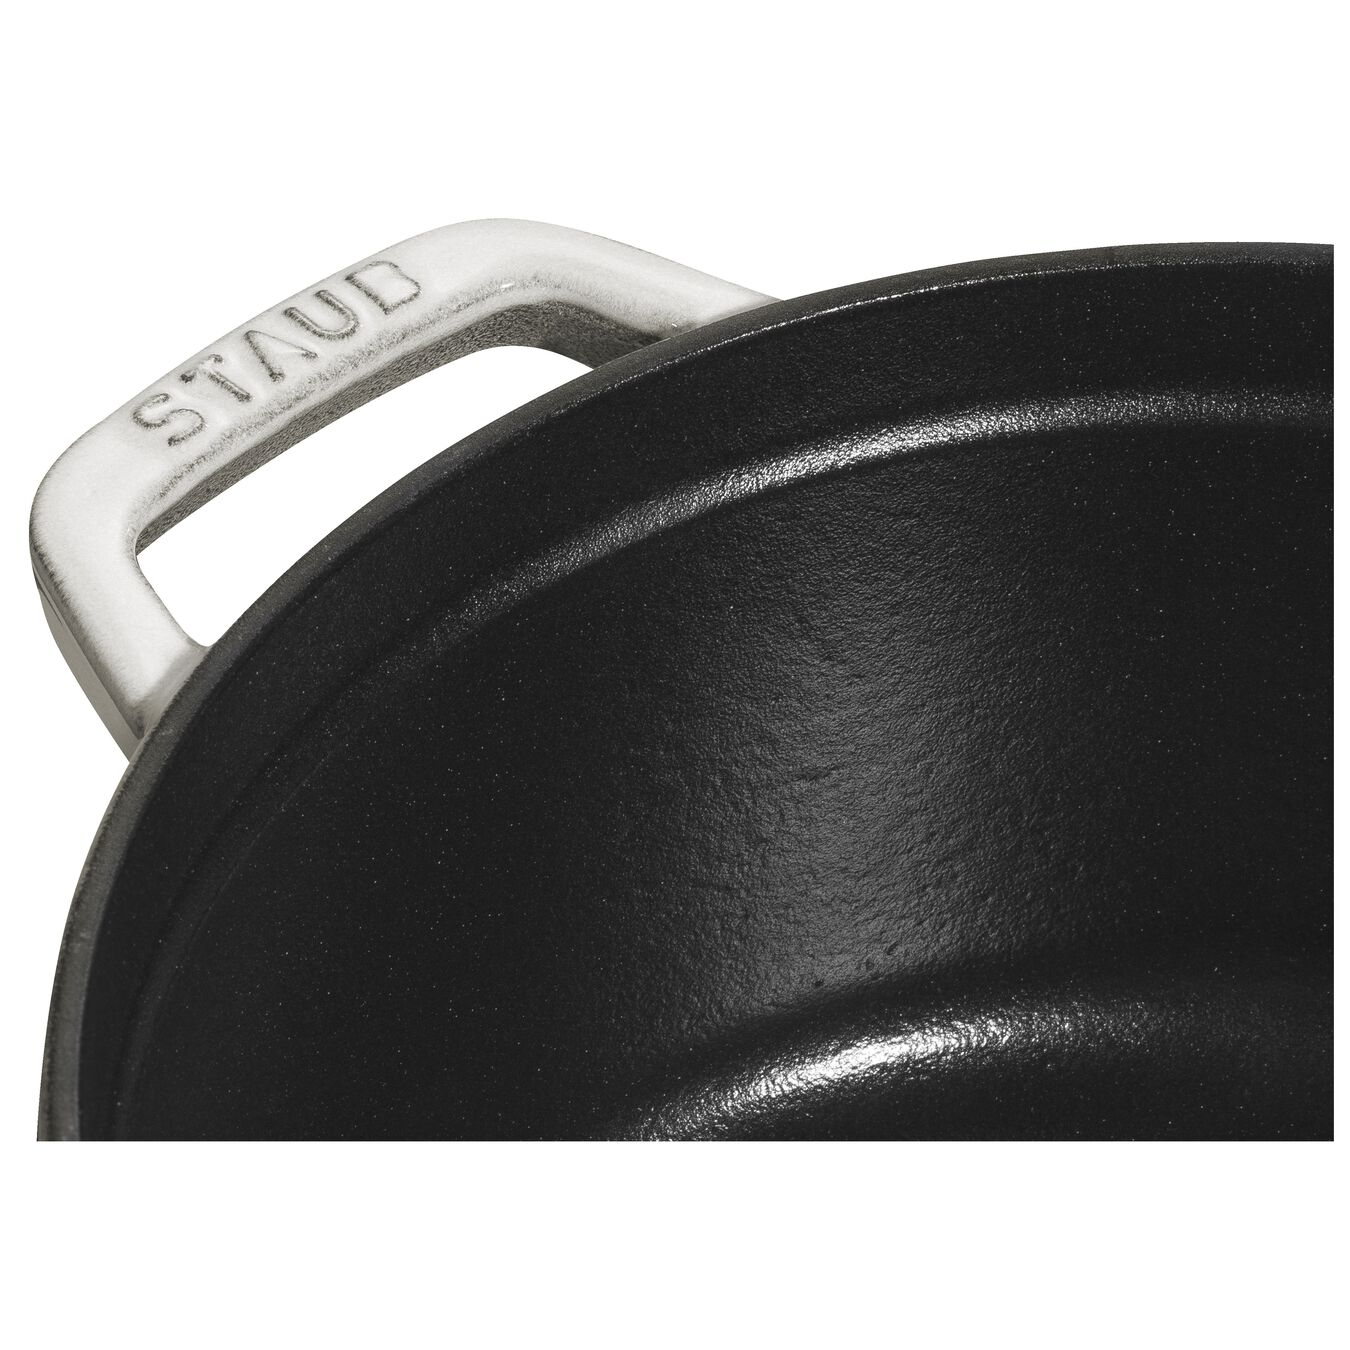 Caçarola 20 cm, redondo, Branco trufado, Ferro fundido,,large 4